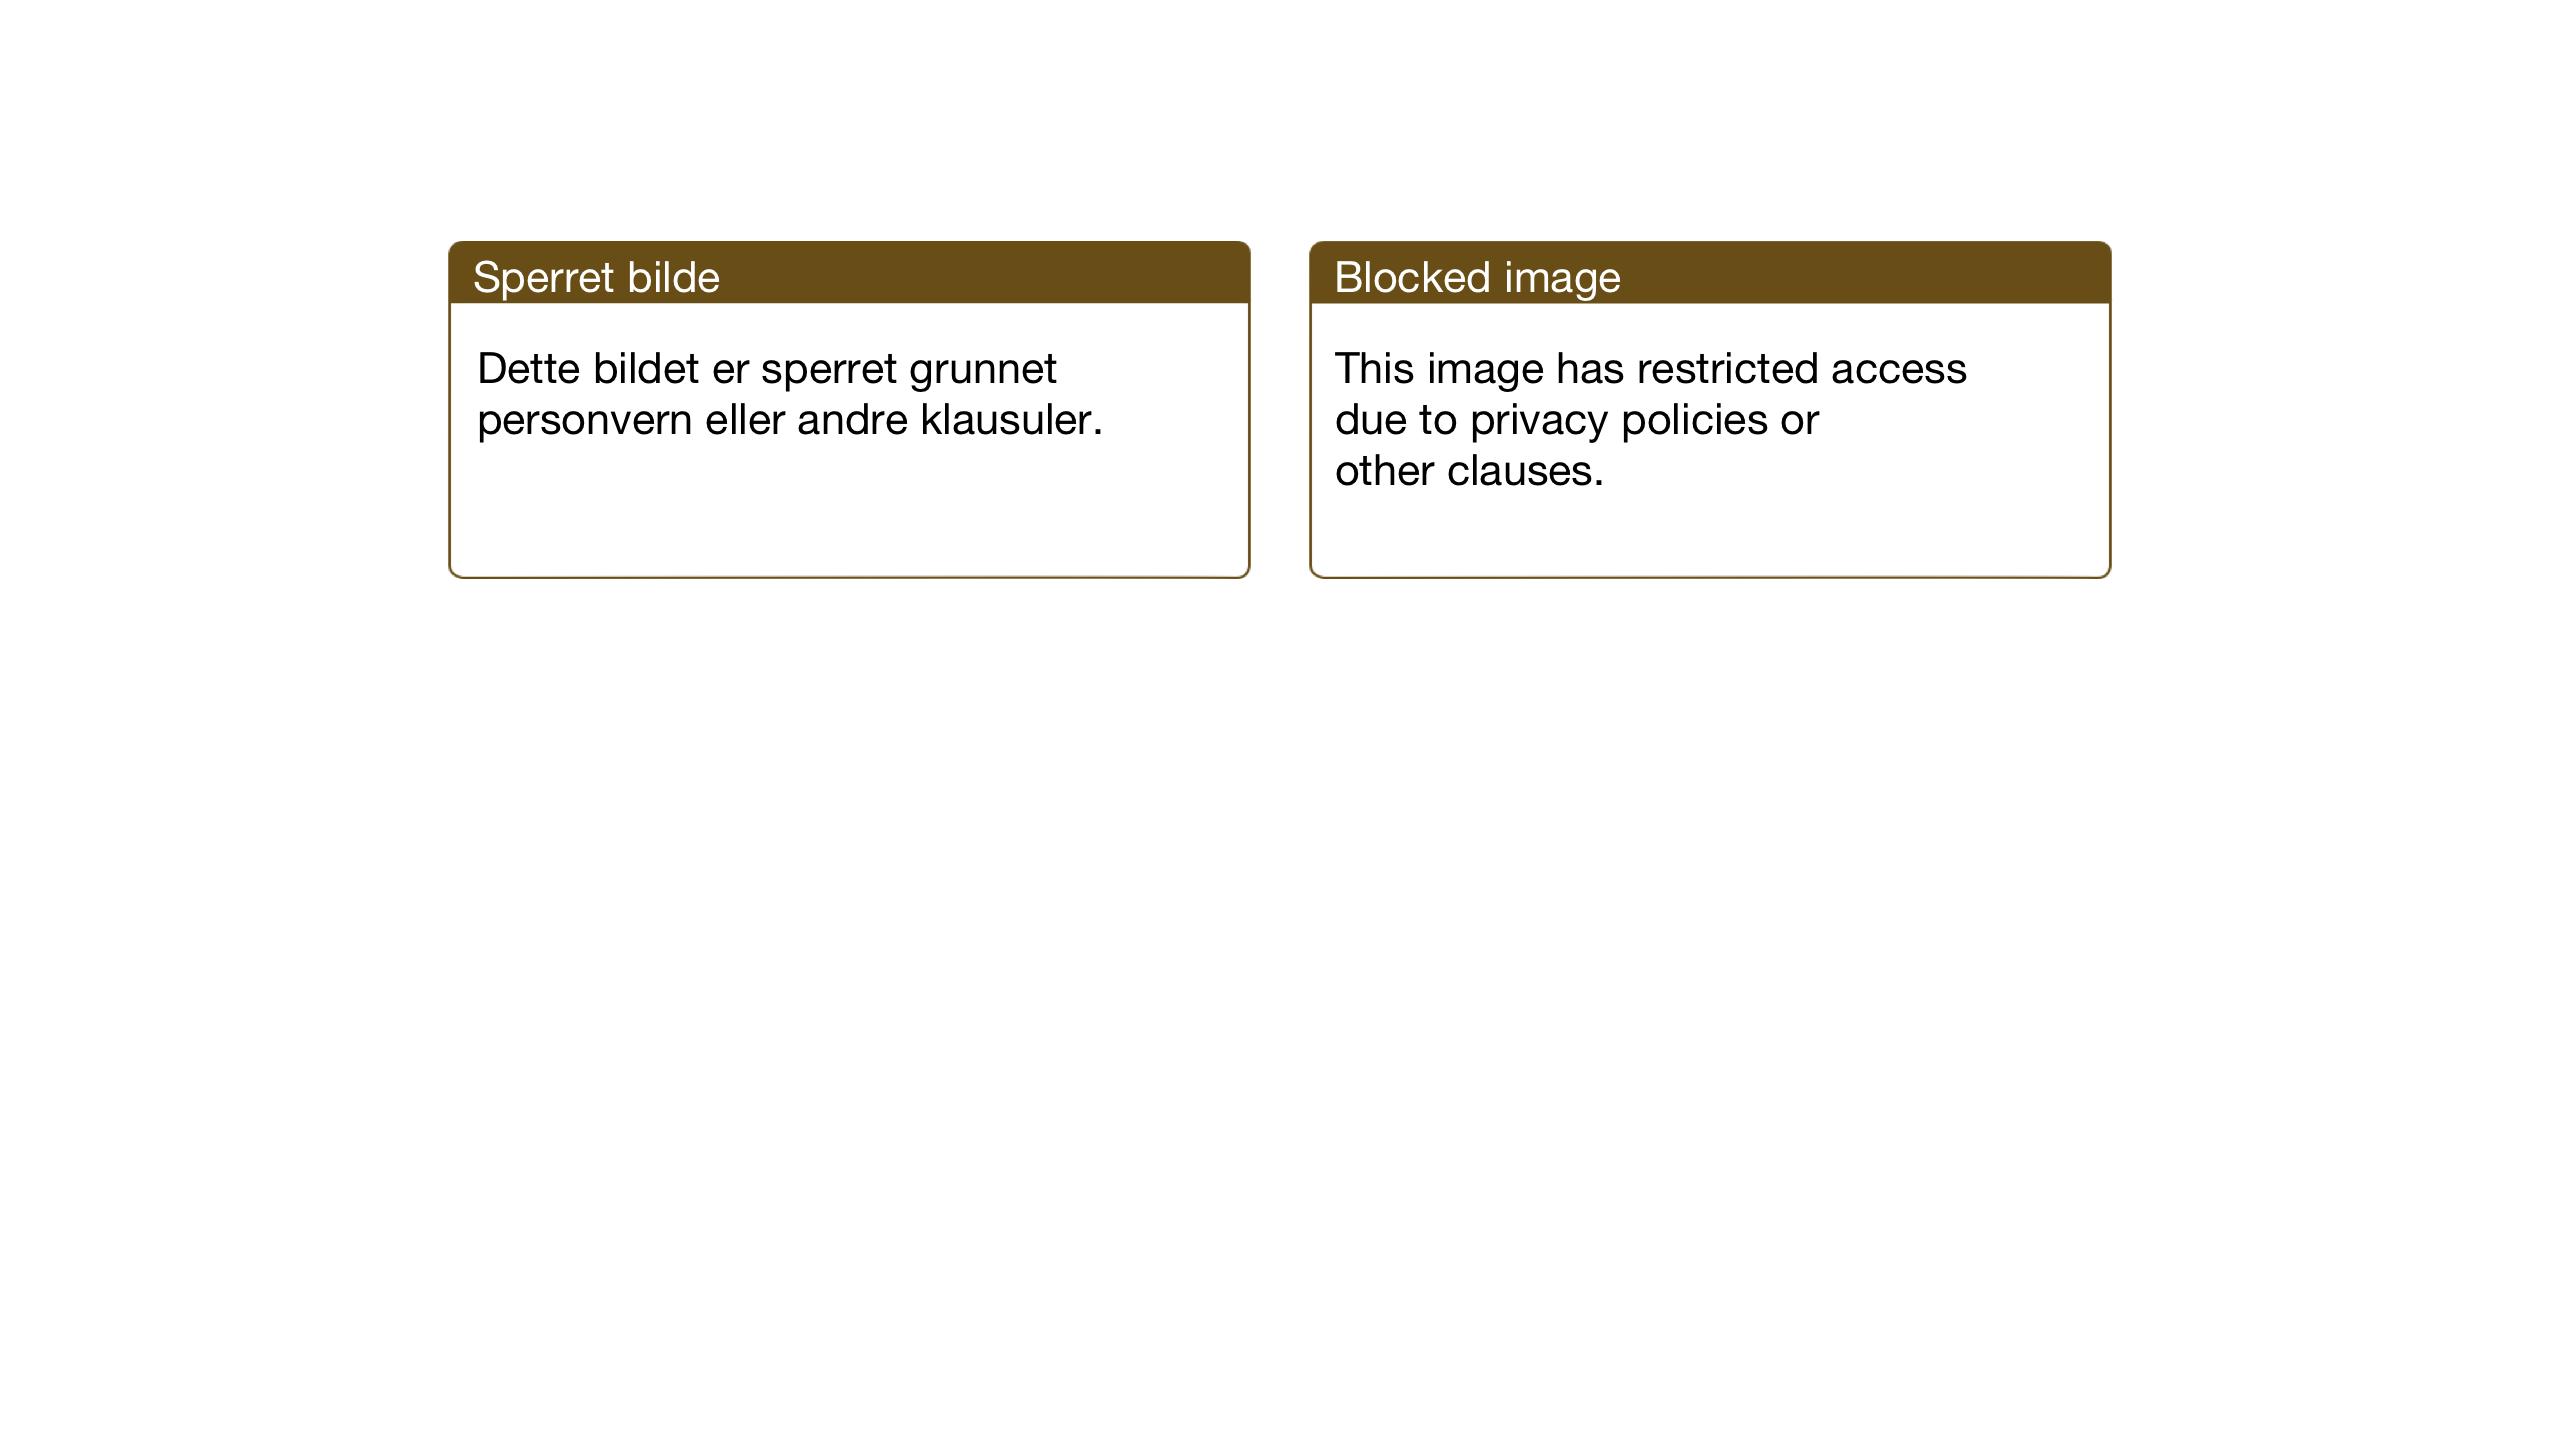 SAT, Ministerialprotokoller, klokkerbøker og fødselsregistre - Sør-Trøndelag, 659/L0750: Klokkerbok nr. 659C07, 1914-1940, s. 18